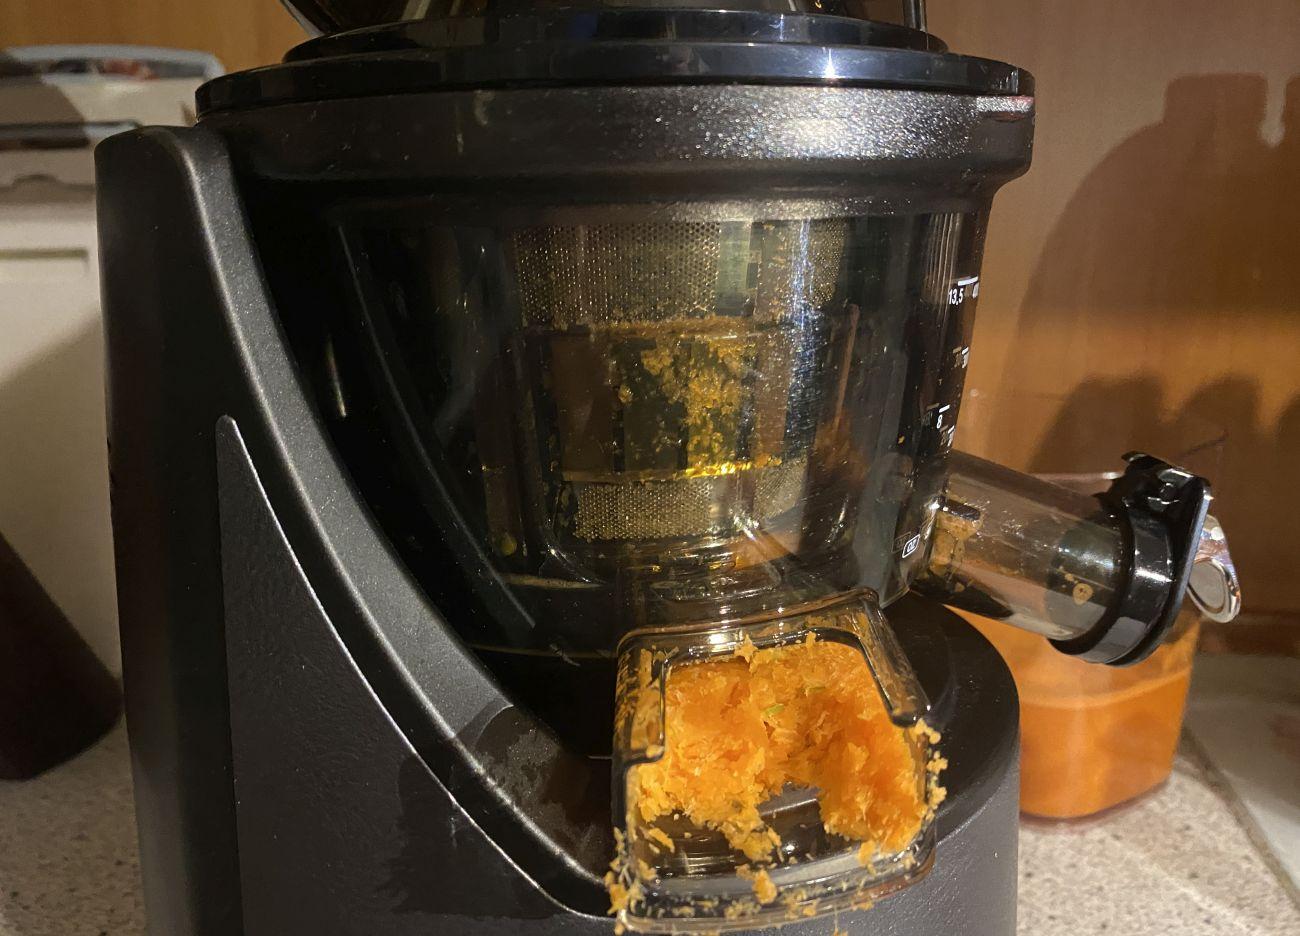 Kuvings EVO820 Plus stan sitka po teście wyciskania soku z marchwi